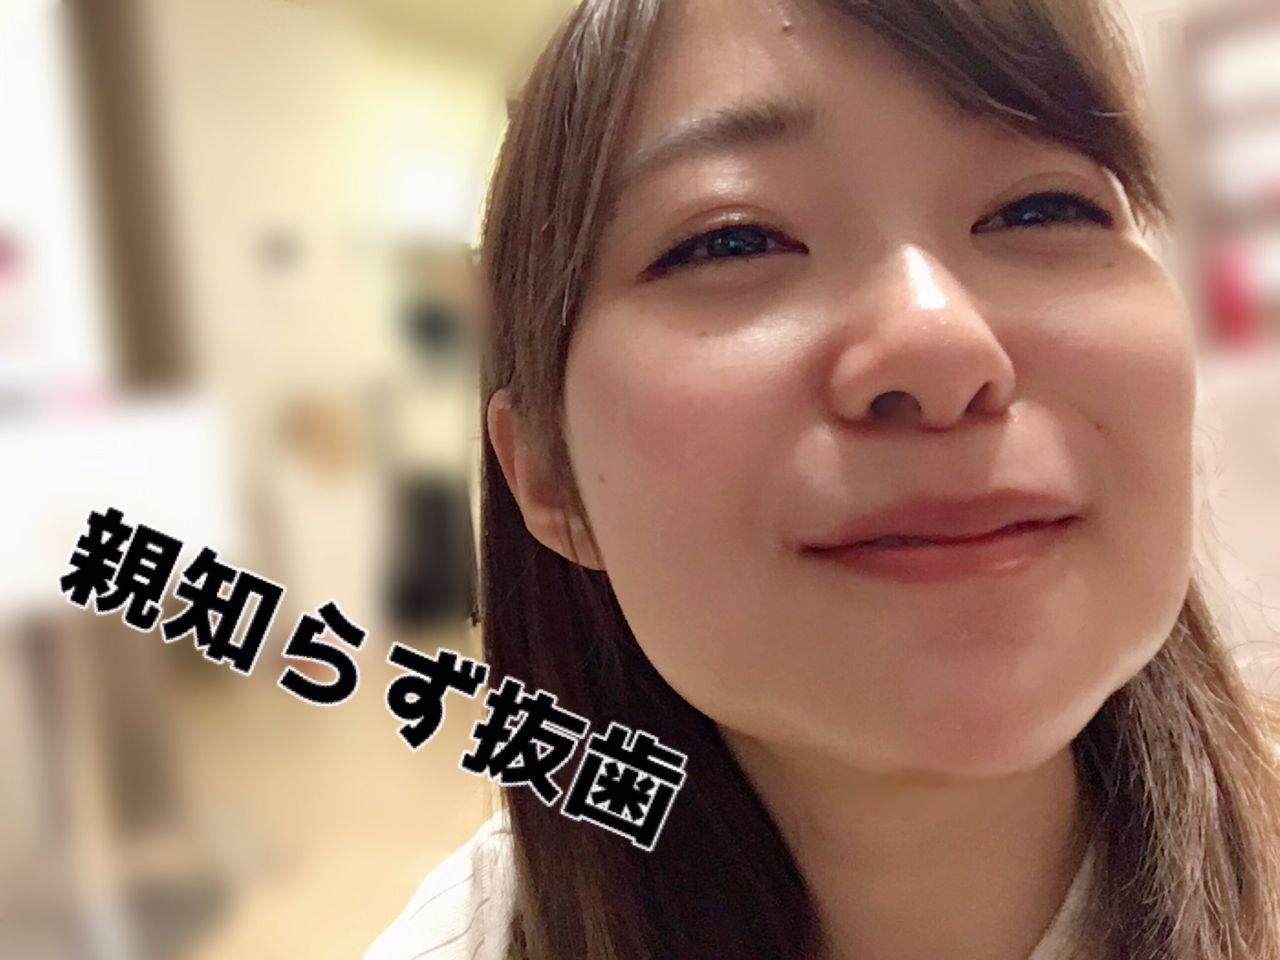 【エンタメ画像】【悲報】指原莉乃、抜歯で顔面崩壊!!!!!!!!!!(画像あり)